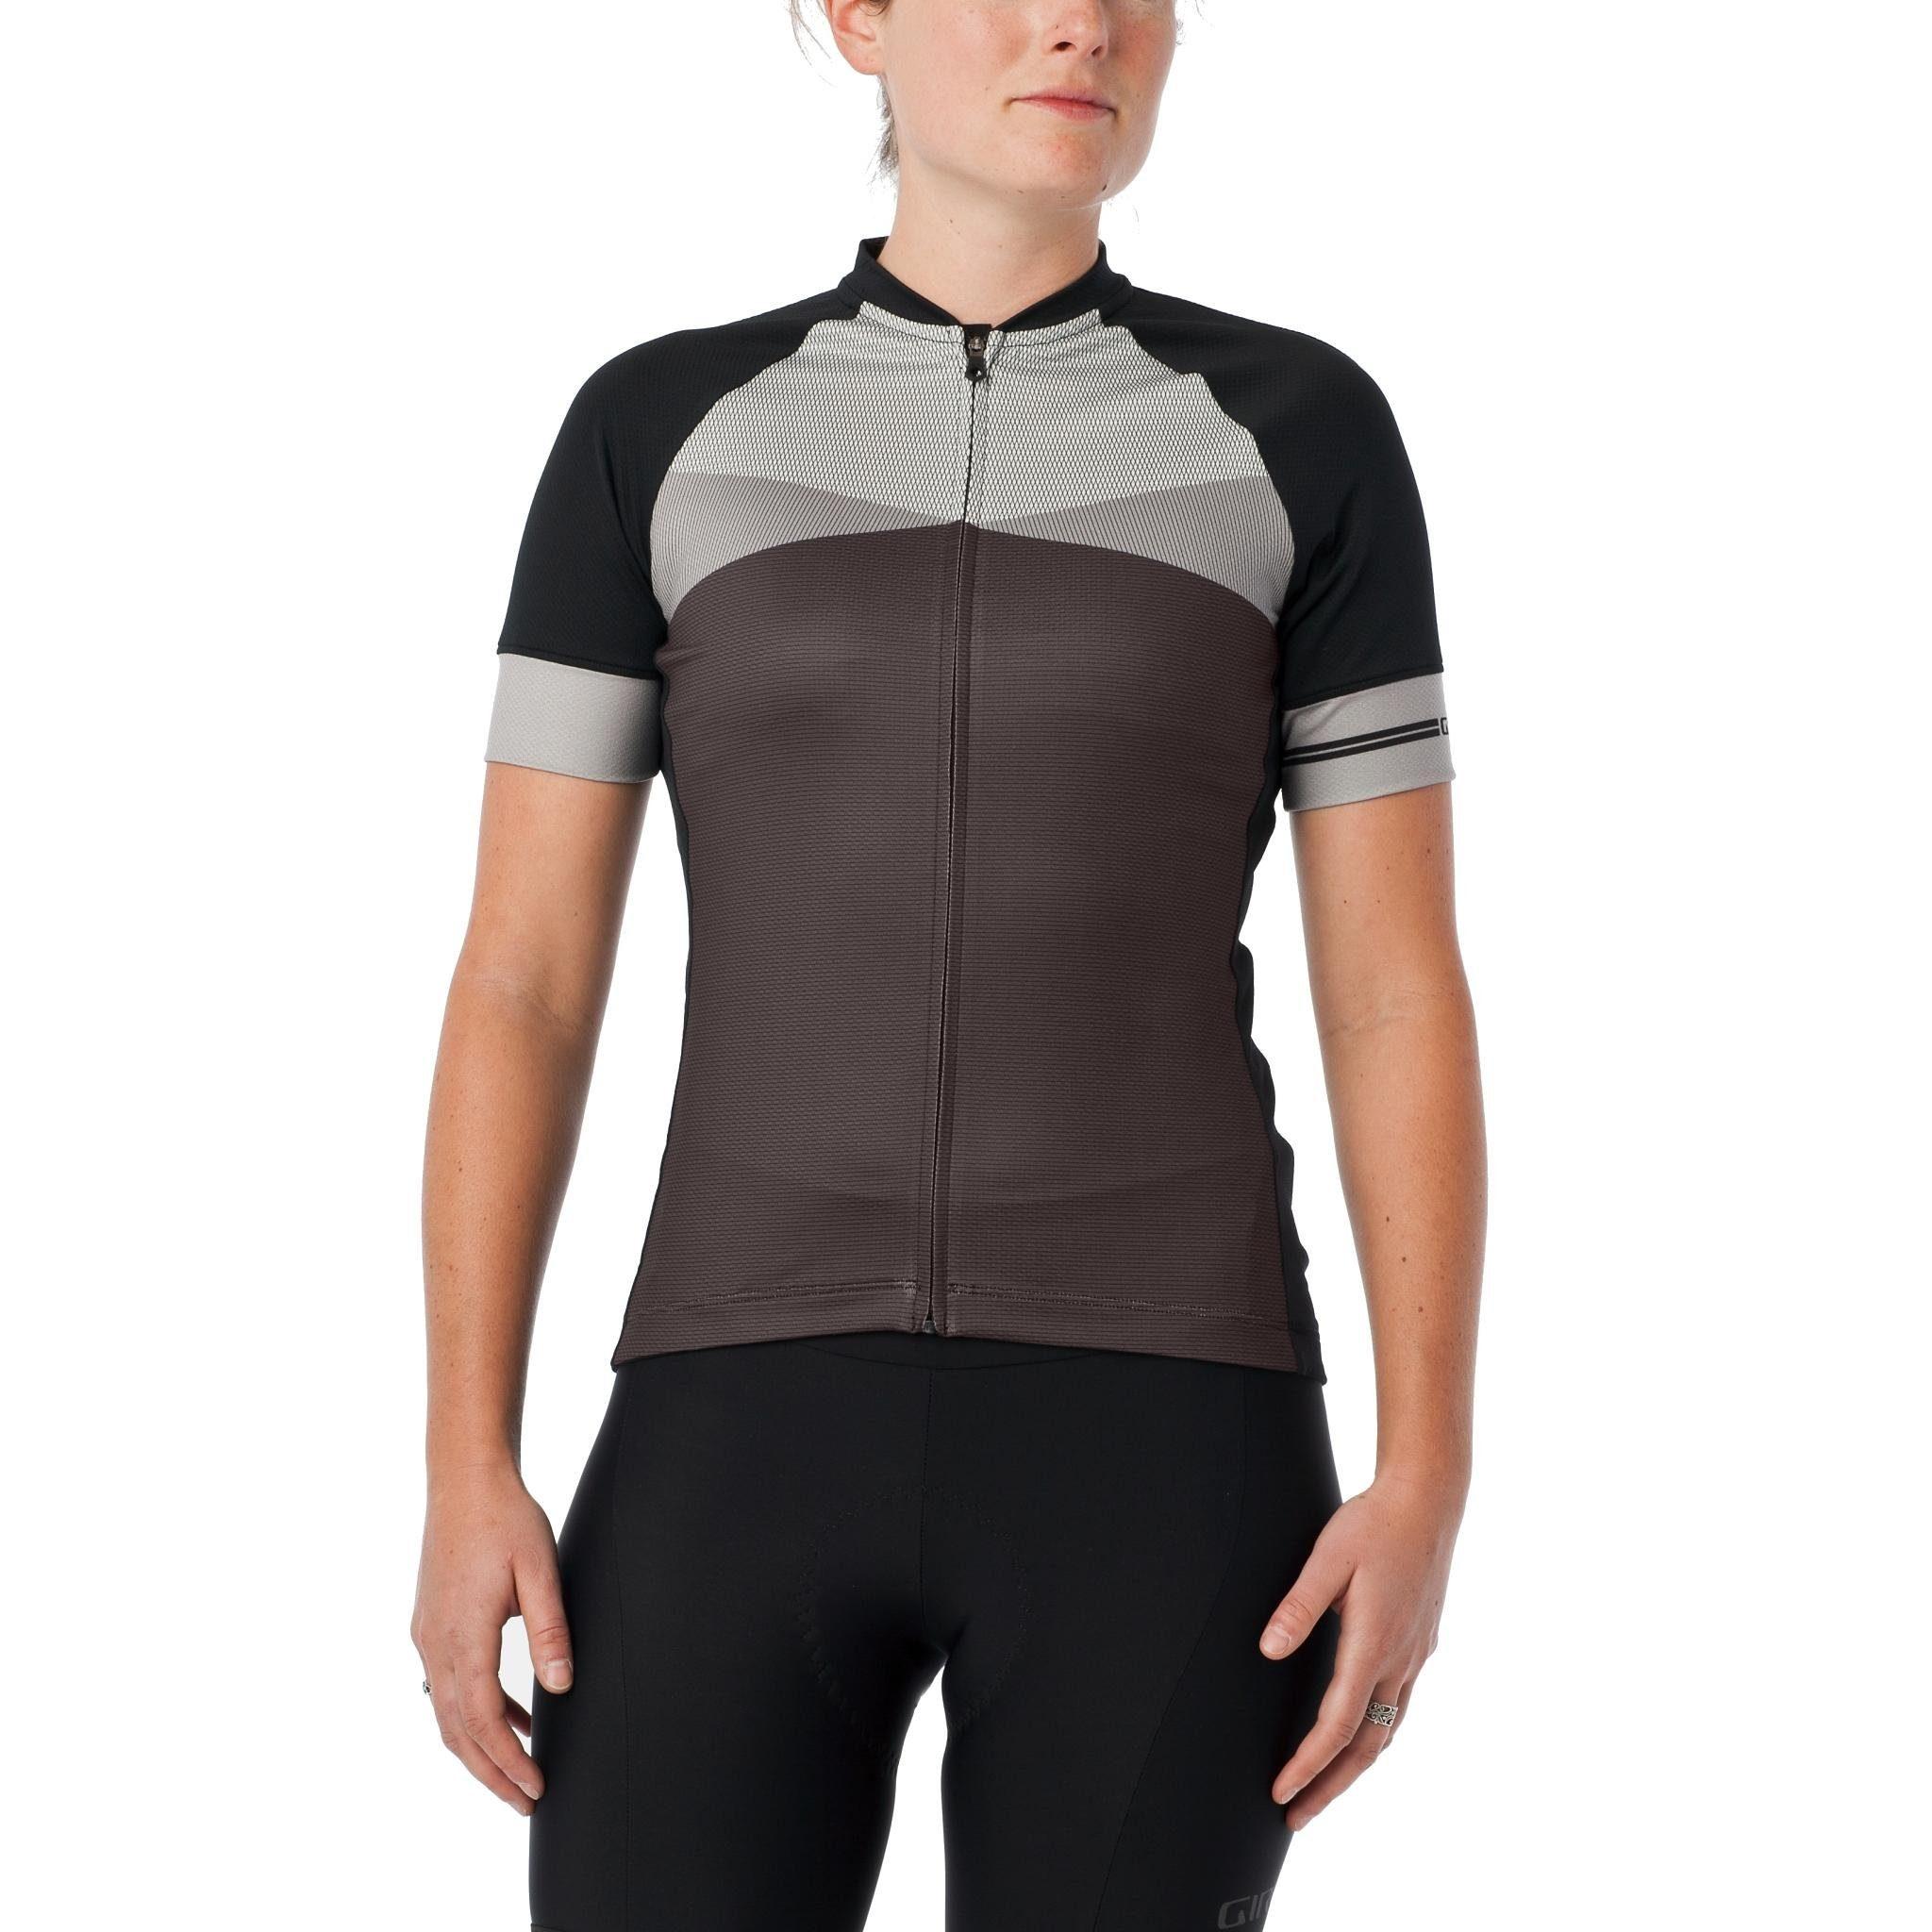 Giro Radtrikot »Giro Chrono Expert Jersey Women«